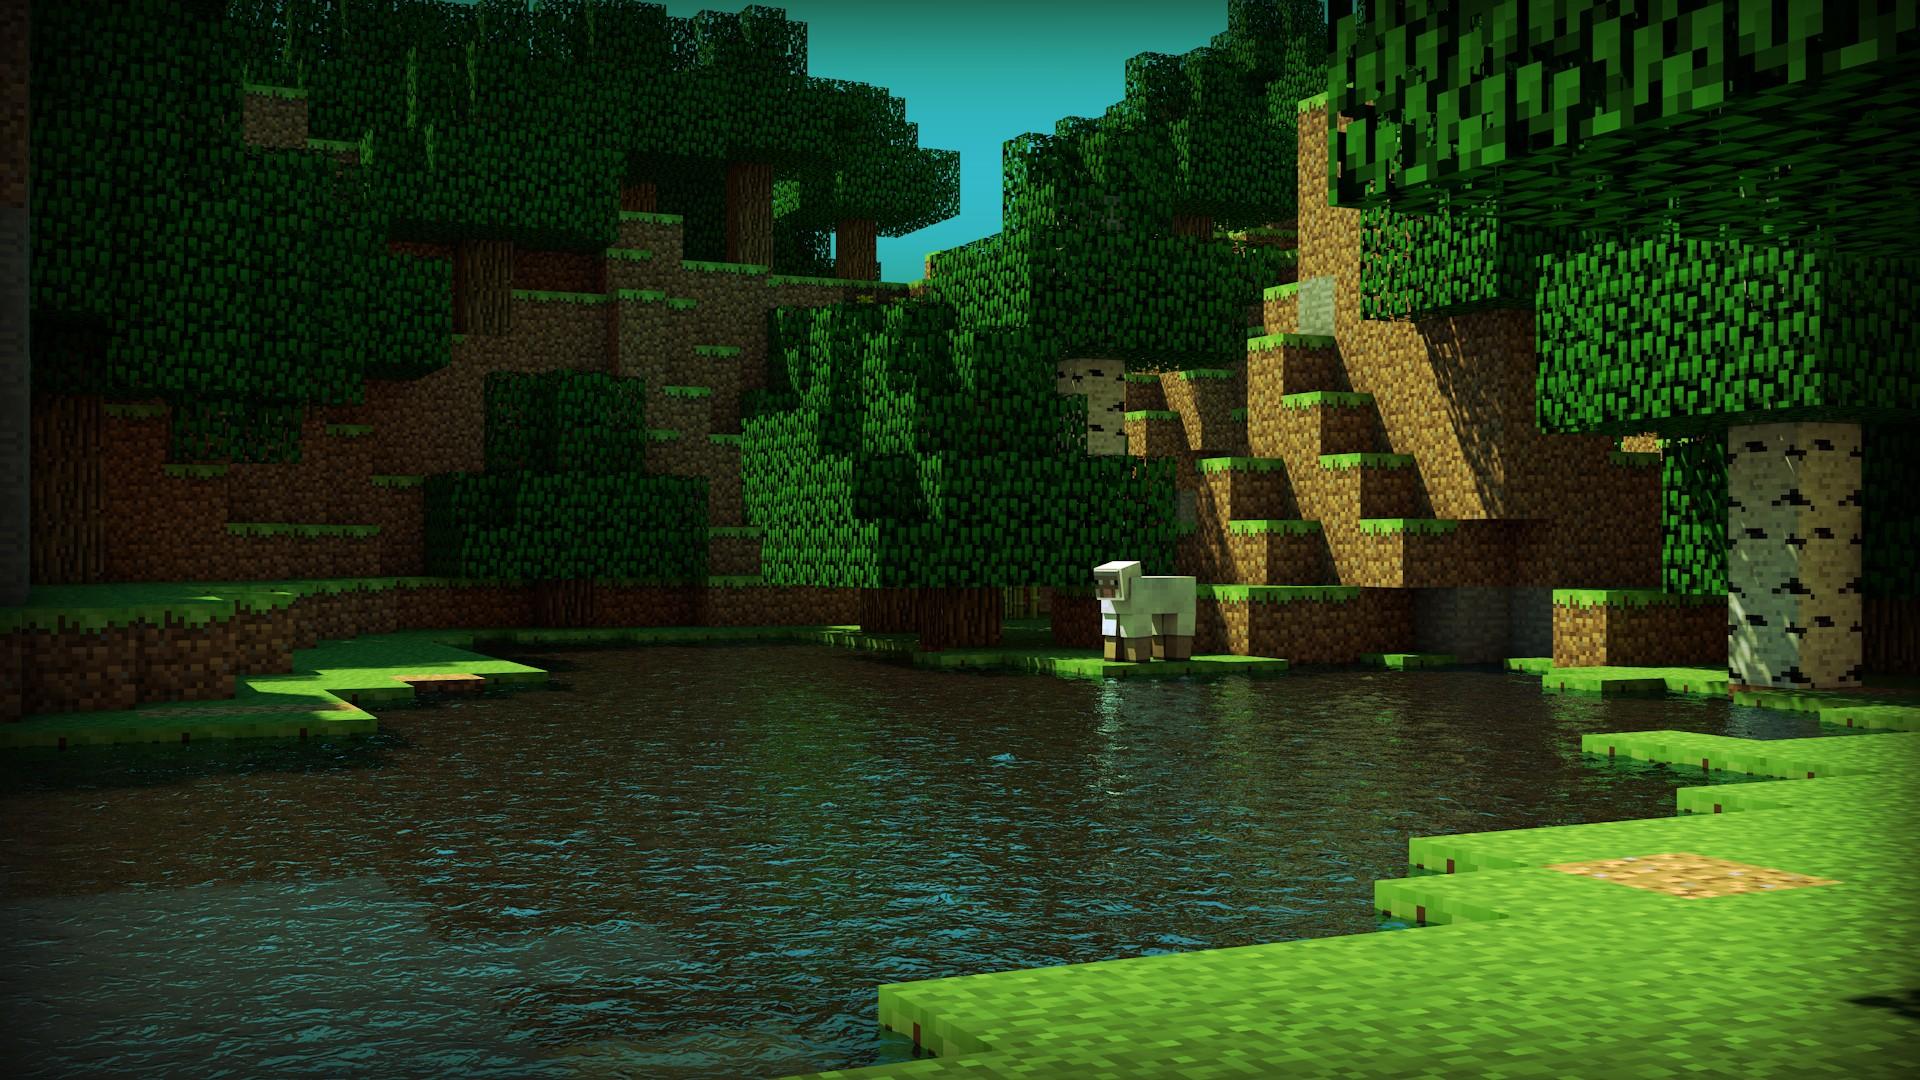 Minecraft clipart 2048x1152.